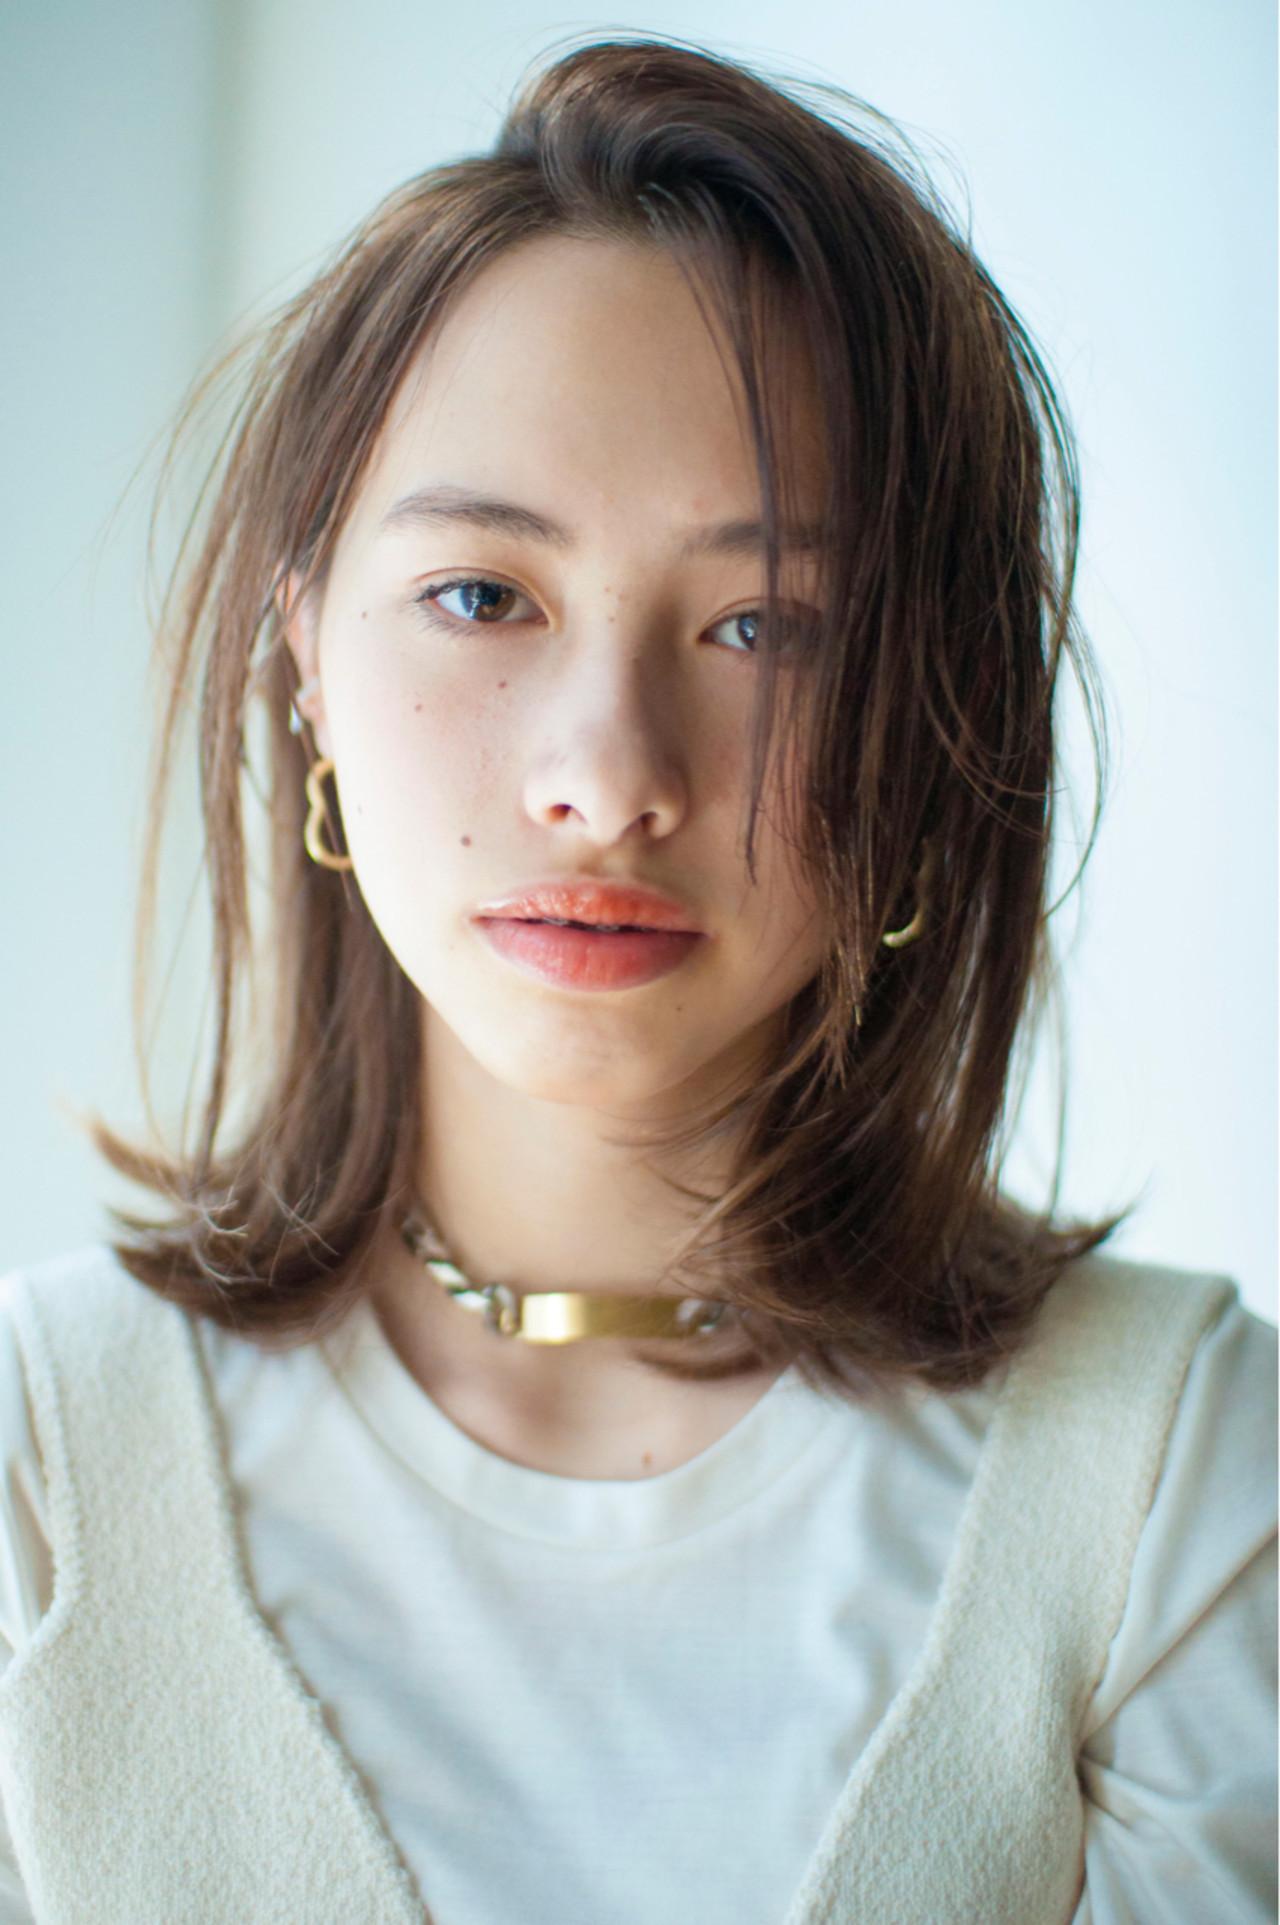 いつもと分け目を変えてみよう! YUKINA / HOMIE TOKYO